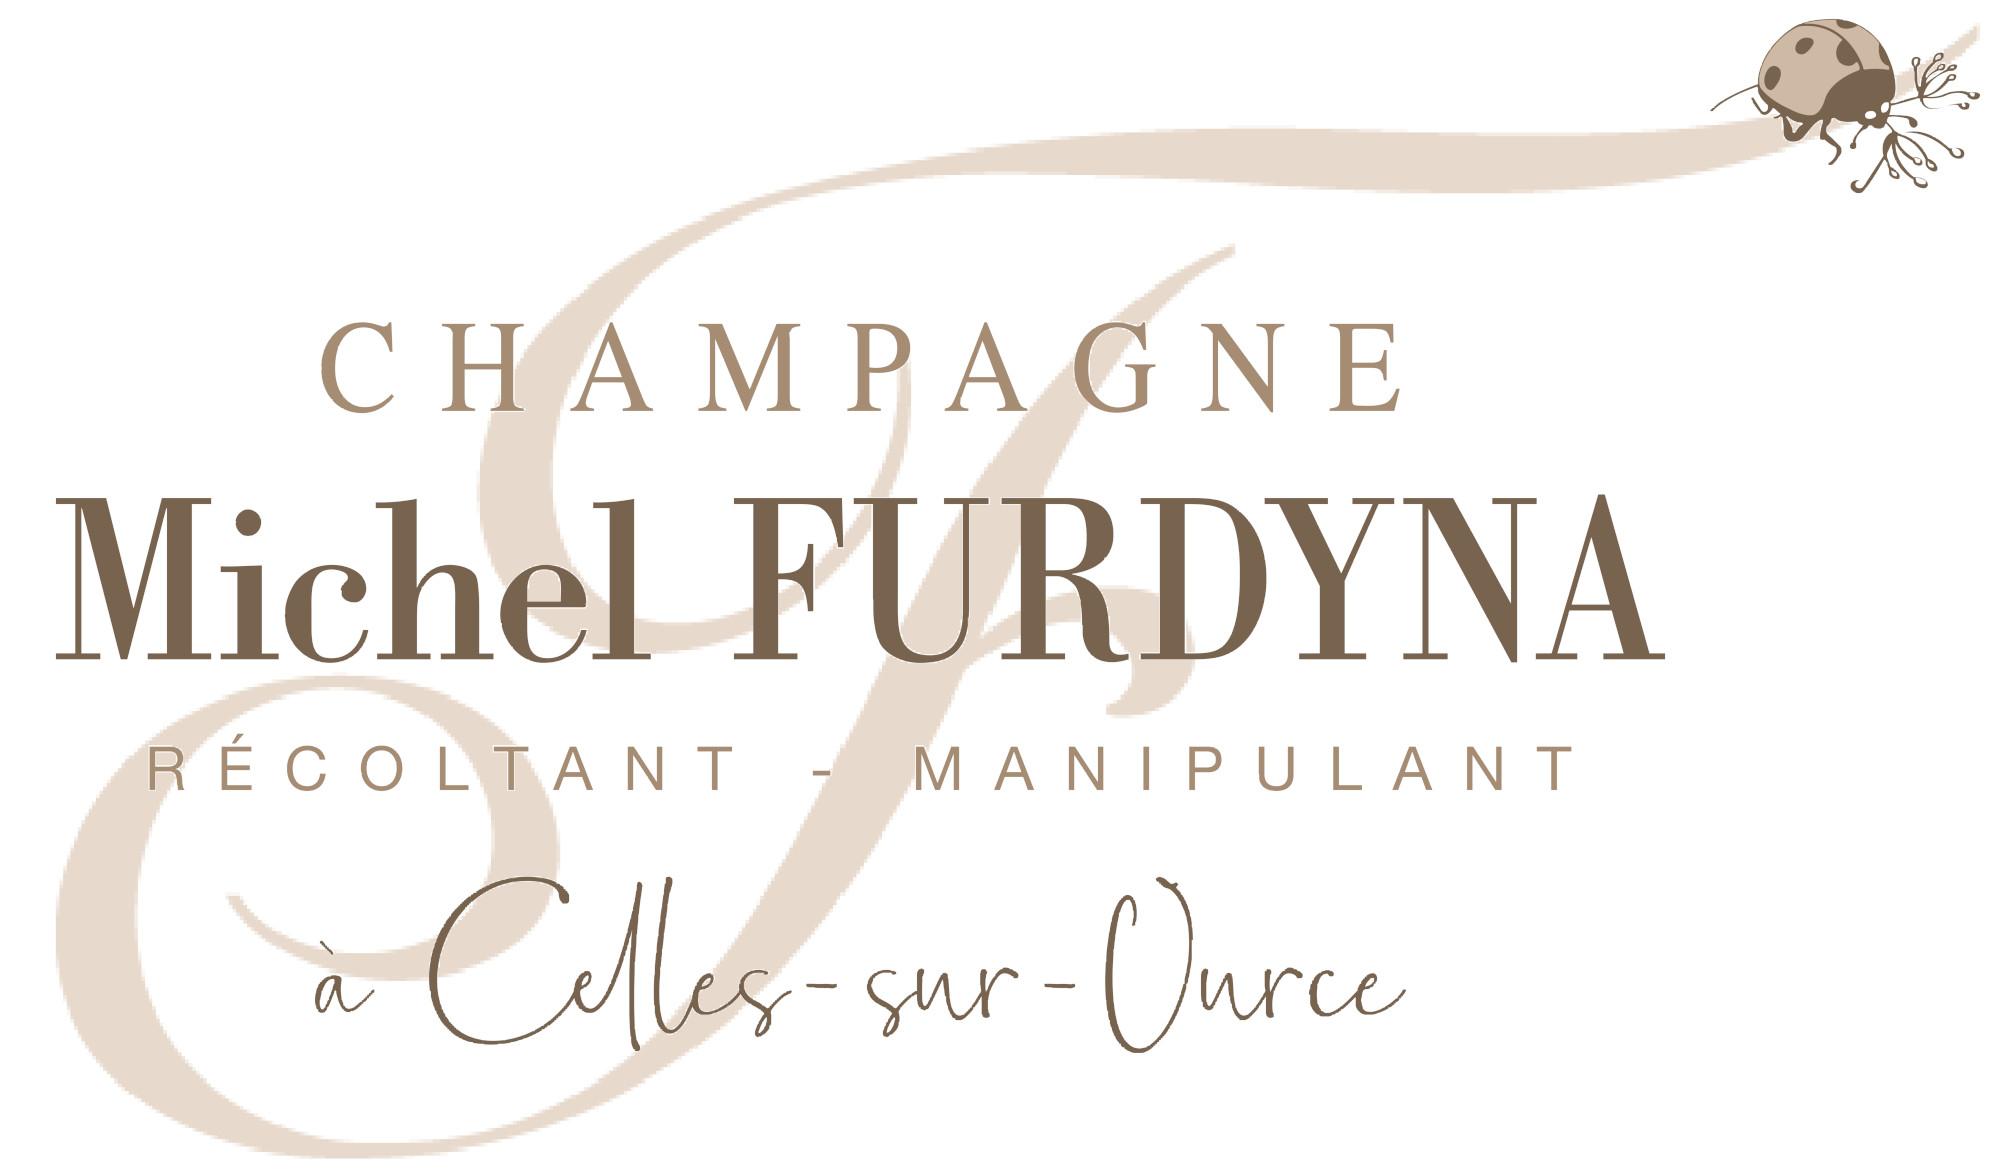 Michel Furdyna Champagne